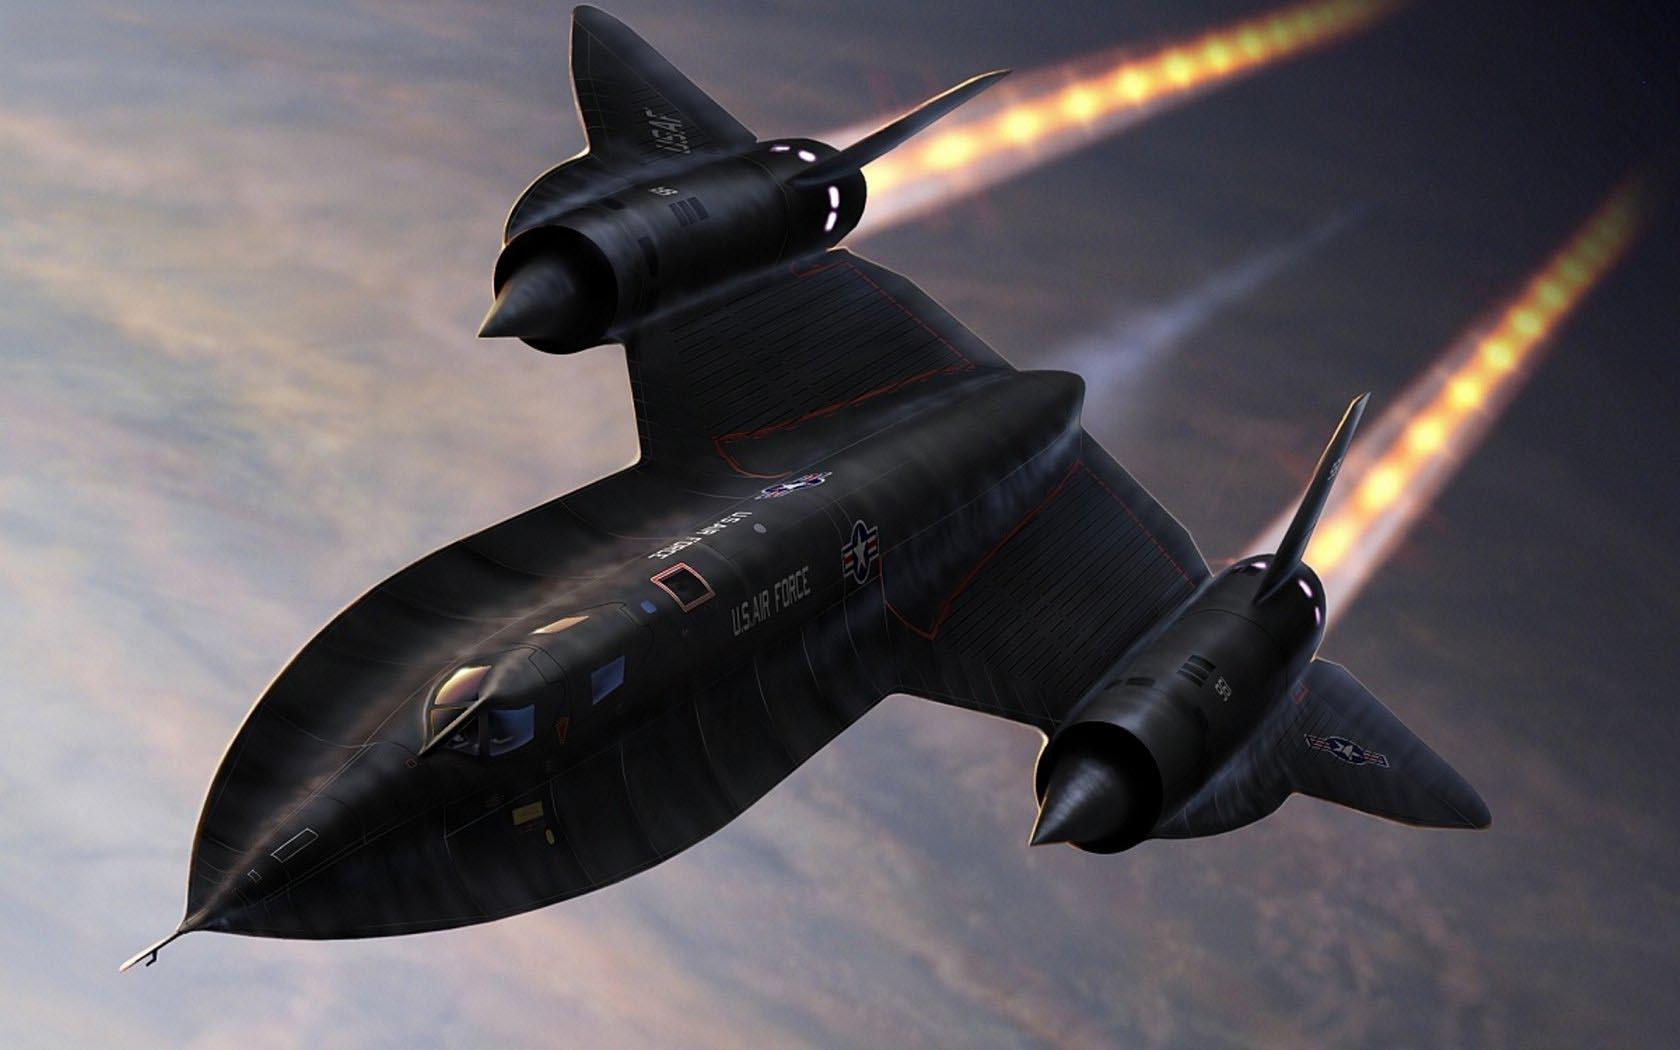 Американский гиперзвуковой разведчик SR-71